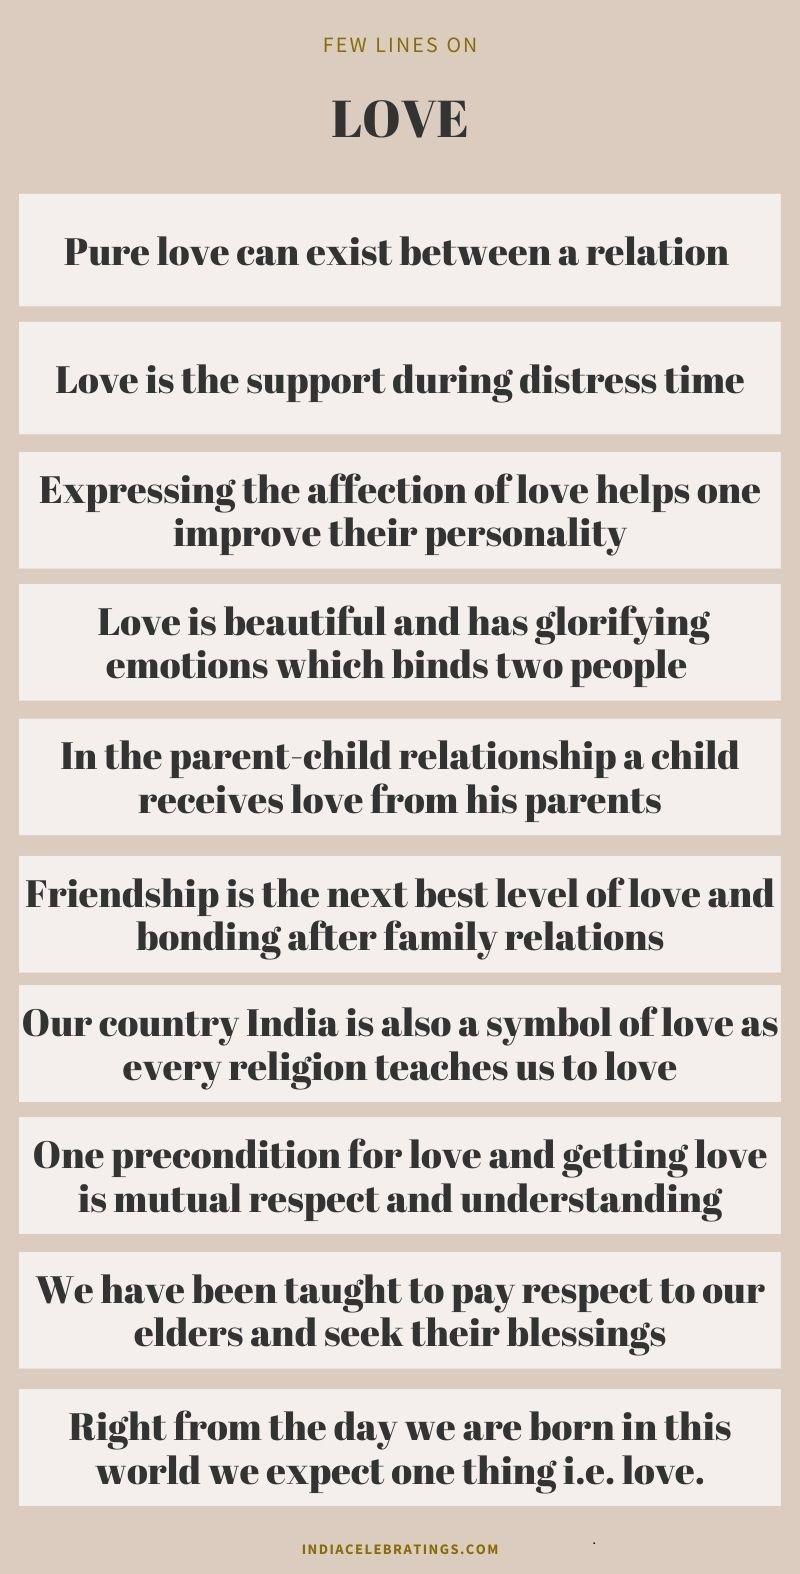 ten lines on love